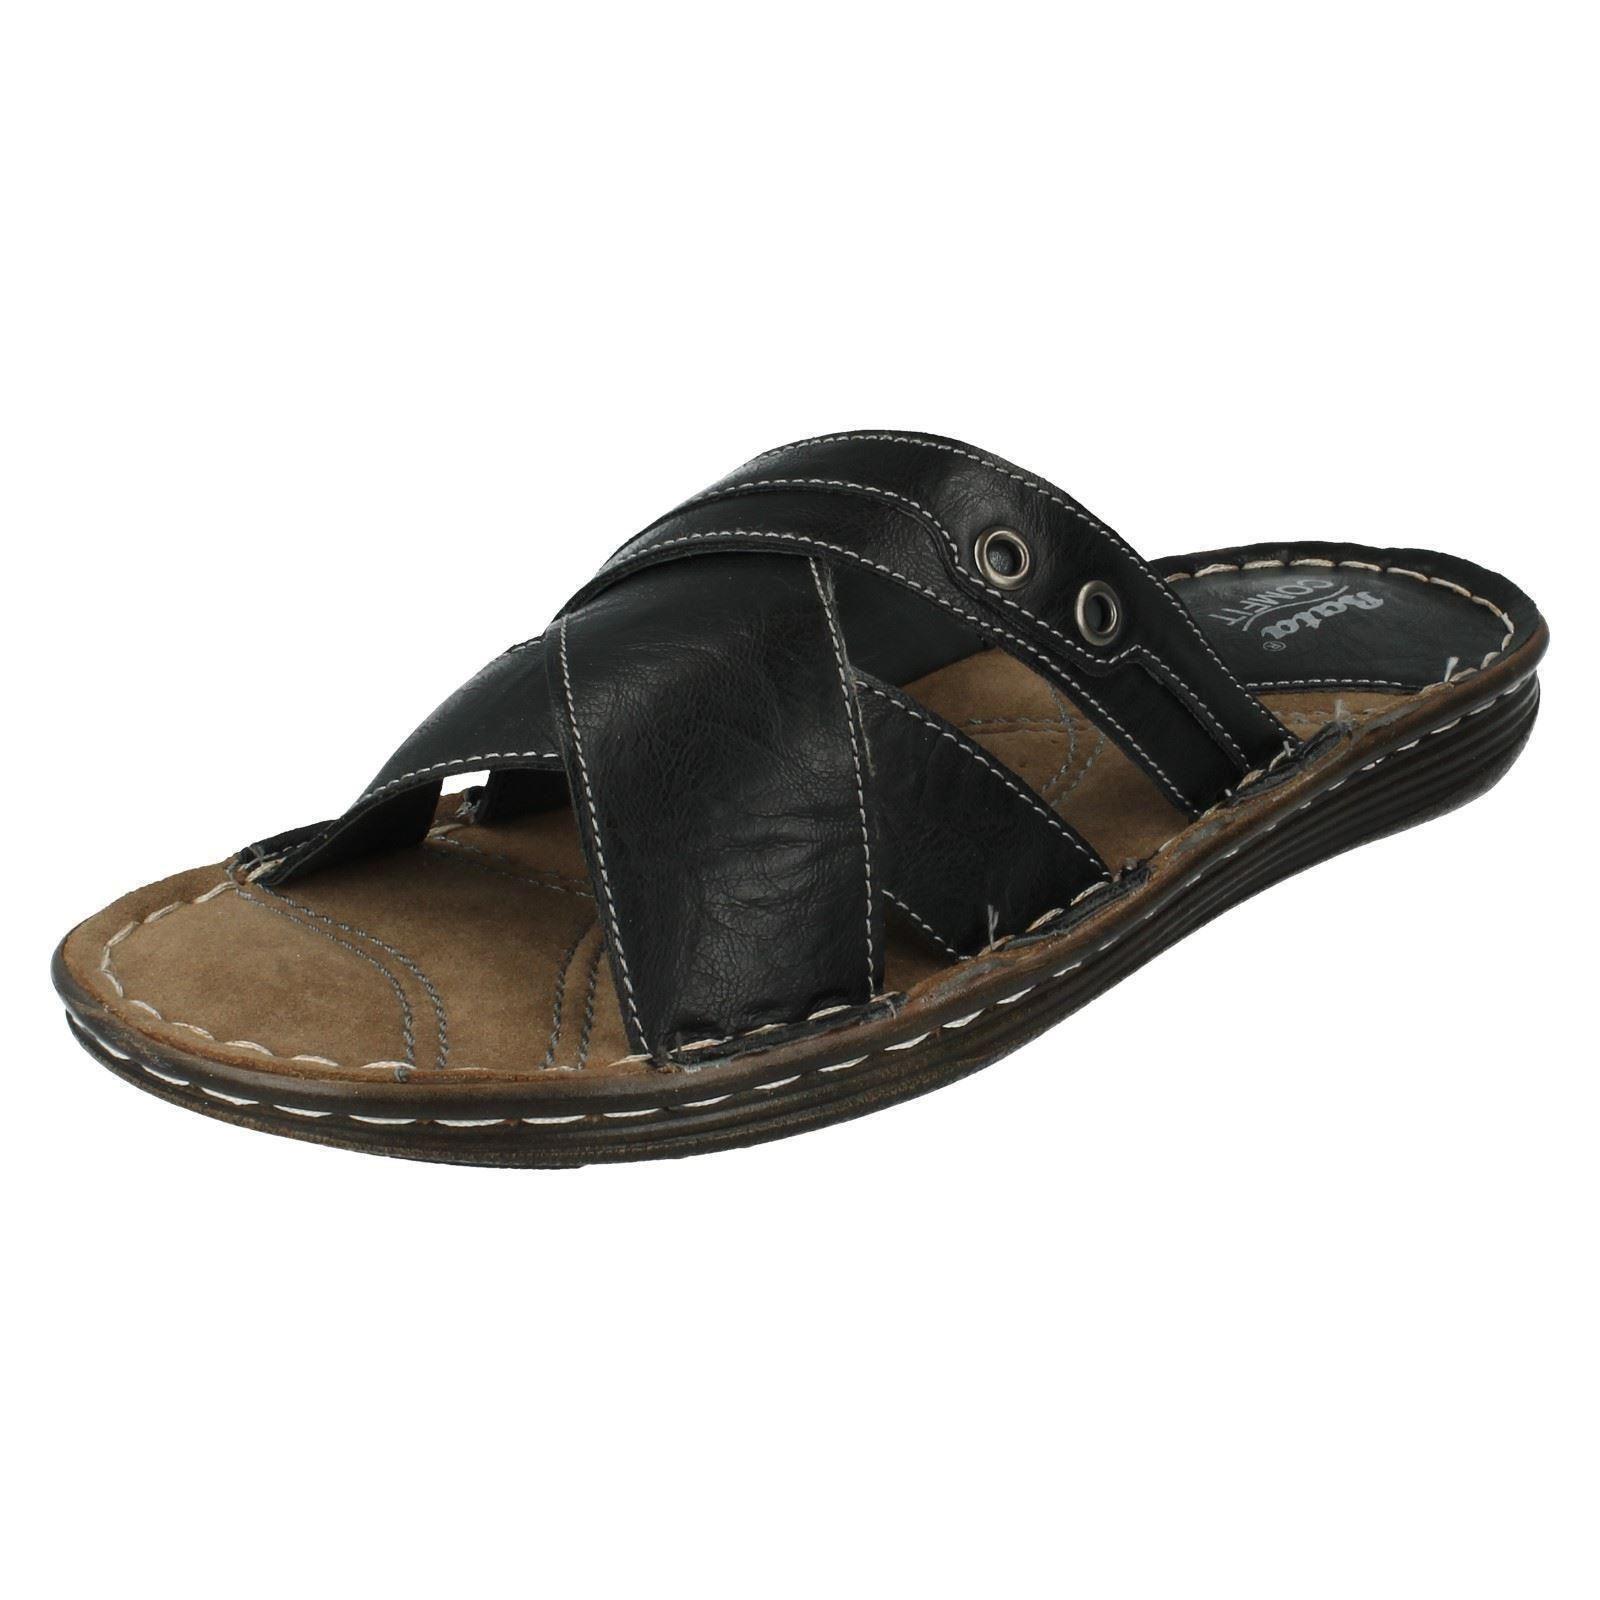 A buon mercatoBata Uomo Sandali Slipon 8612602 sulla vendita